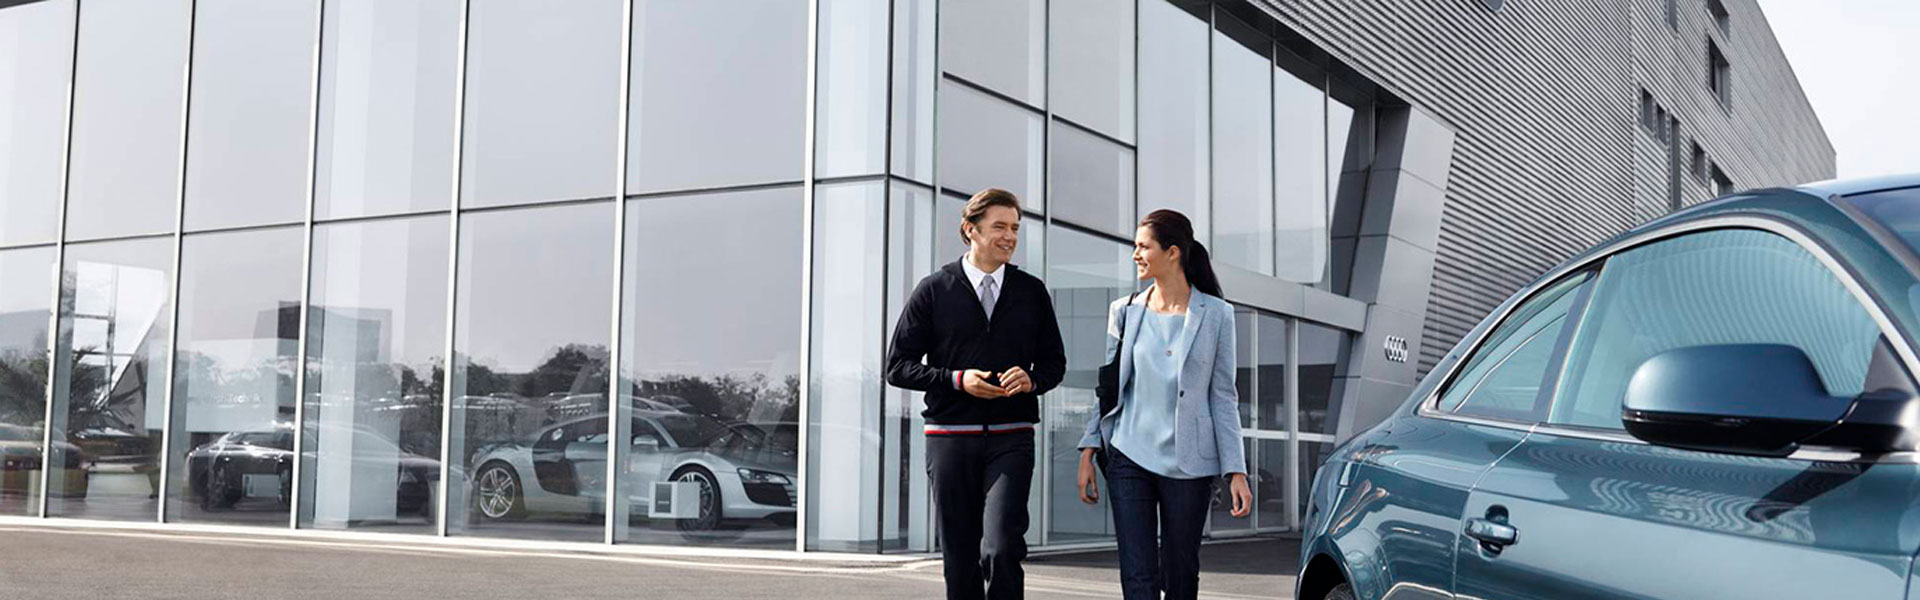 AVISA, Concesionario Oficial Audi en Sevilla